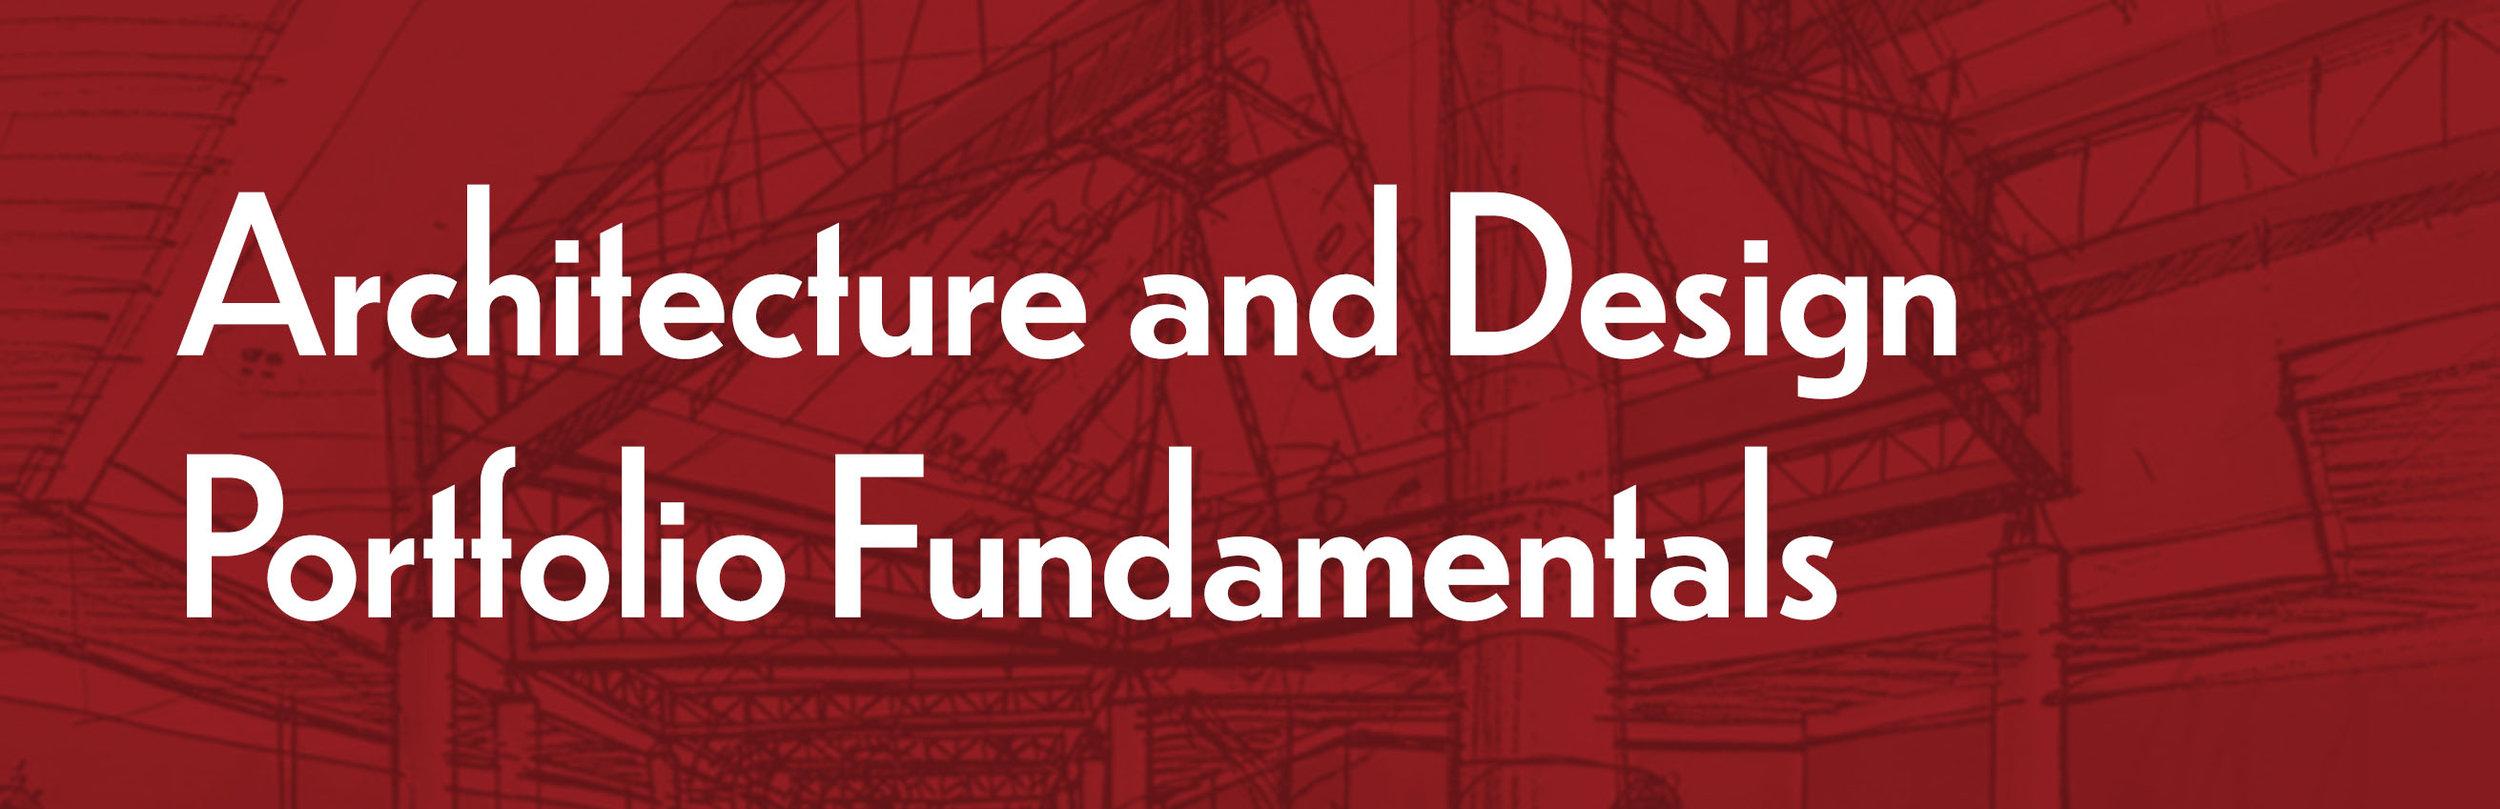 Architecture and Design Portfolio Fundamentals- Header 2019.jpg